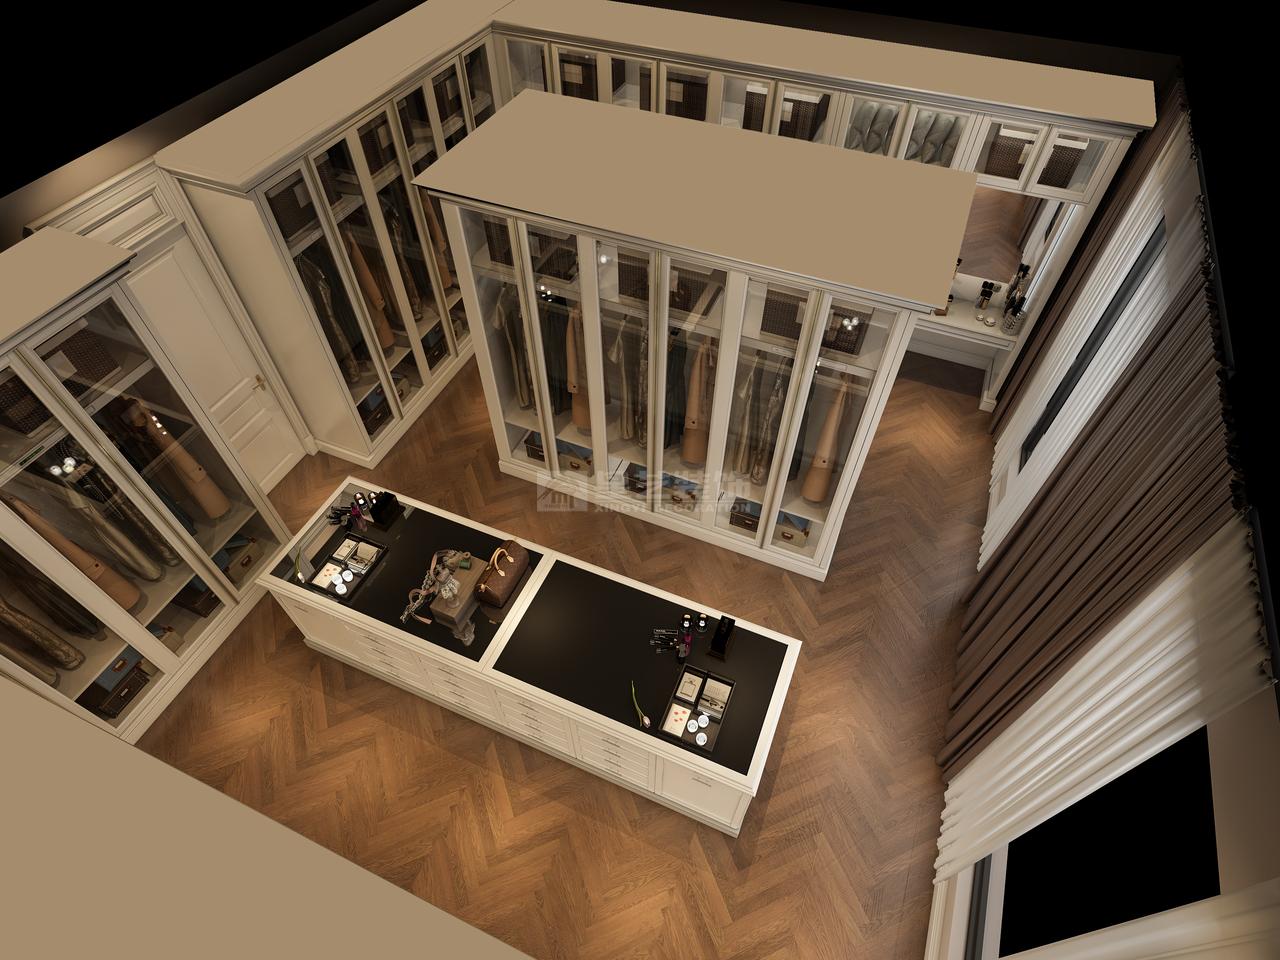 让整个家居空间呈现别样的贵气和精致,温馨而时尚。